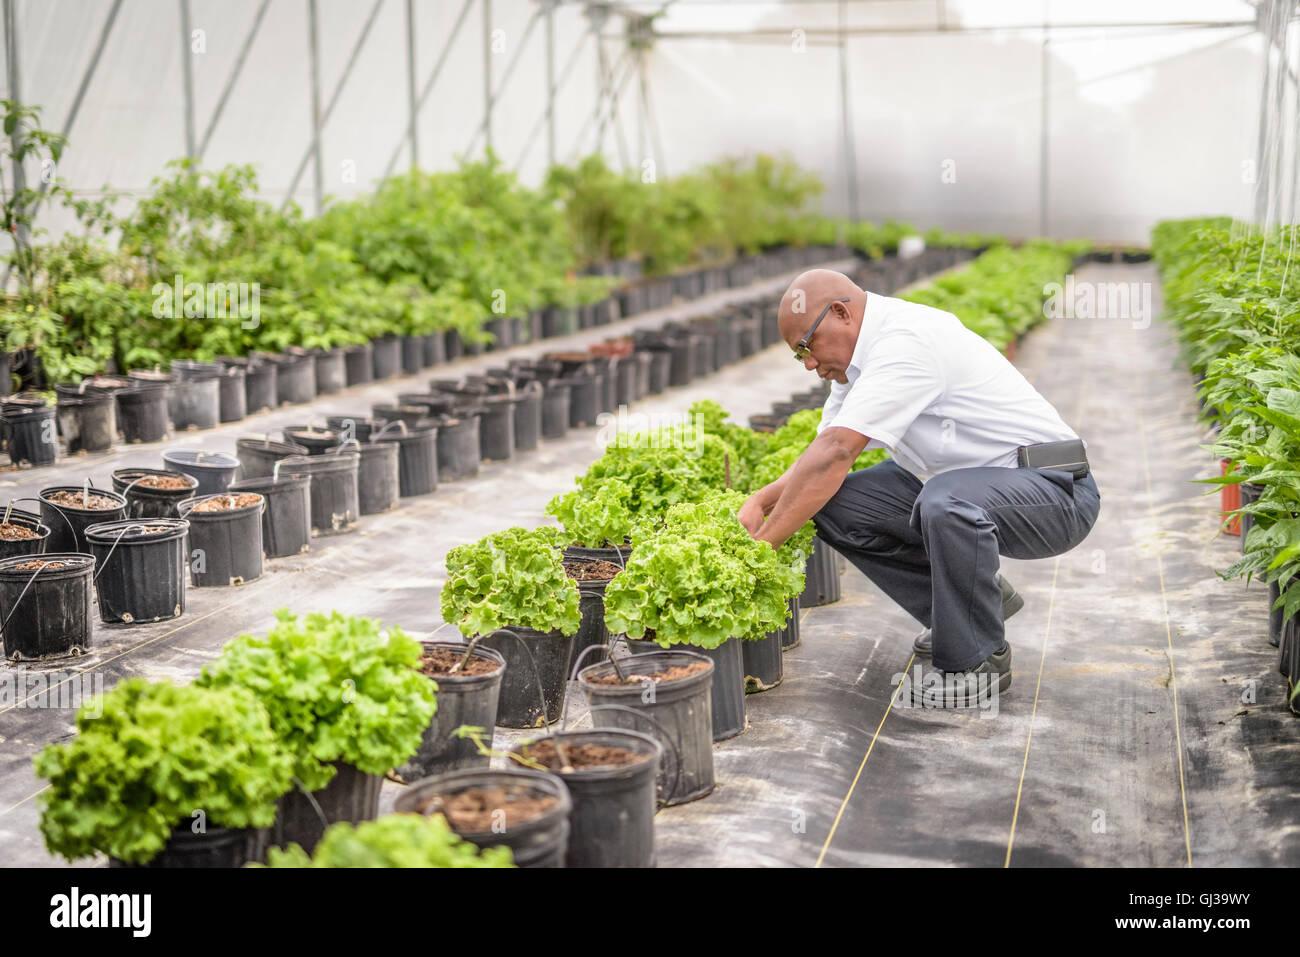 Manager L'inspection en culture hydroponique laitue ferme à Nevis, West Indies Banque D'Images